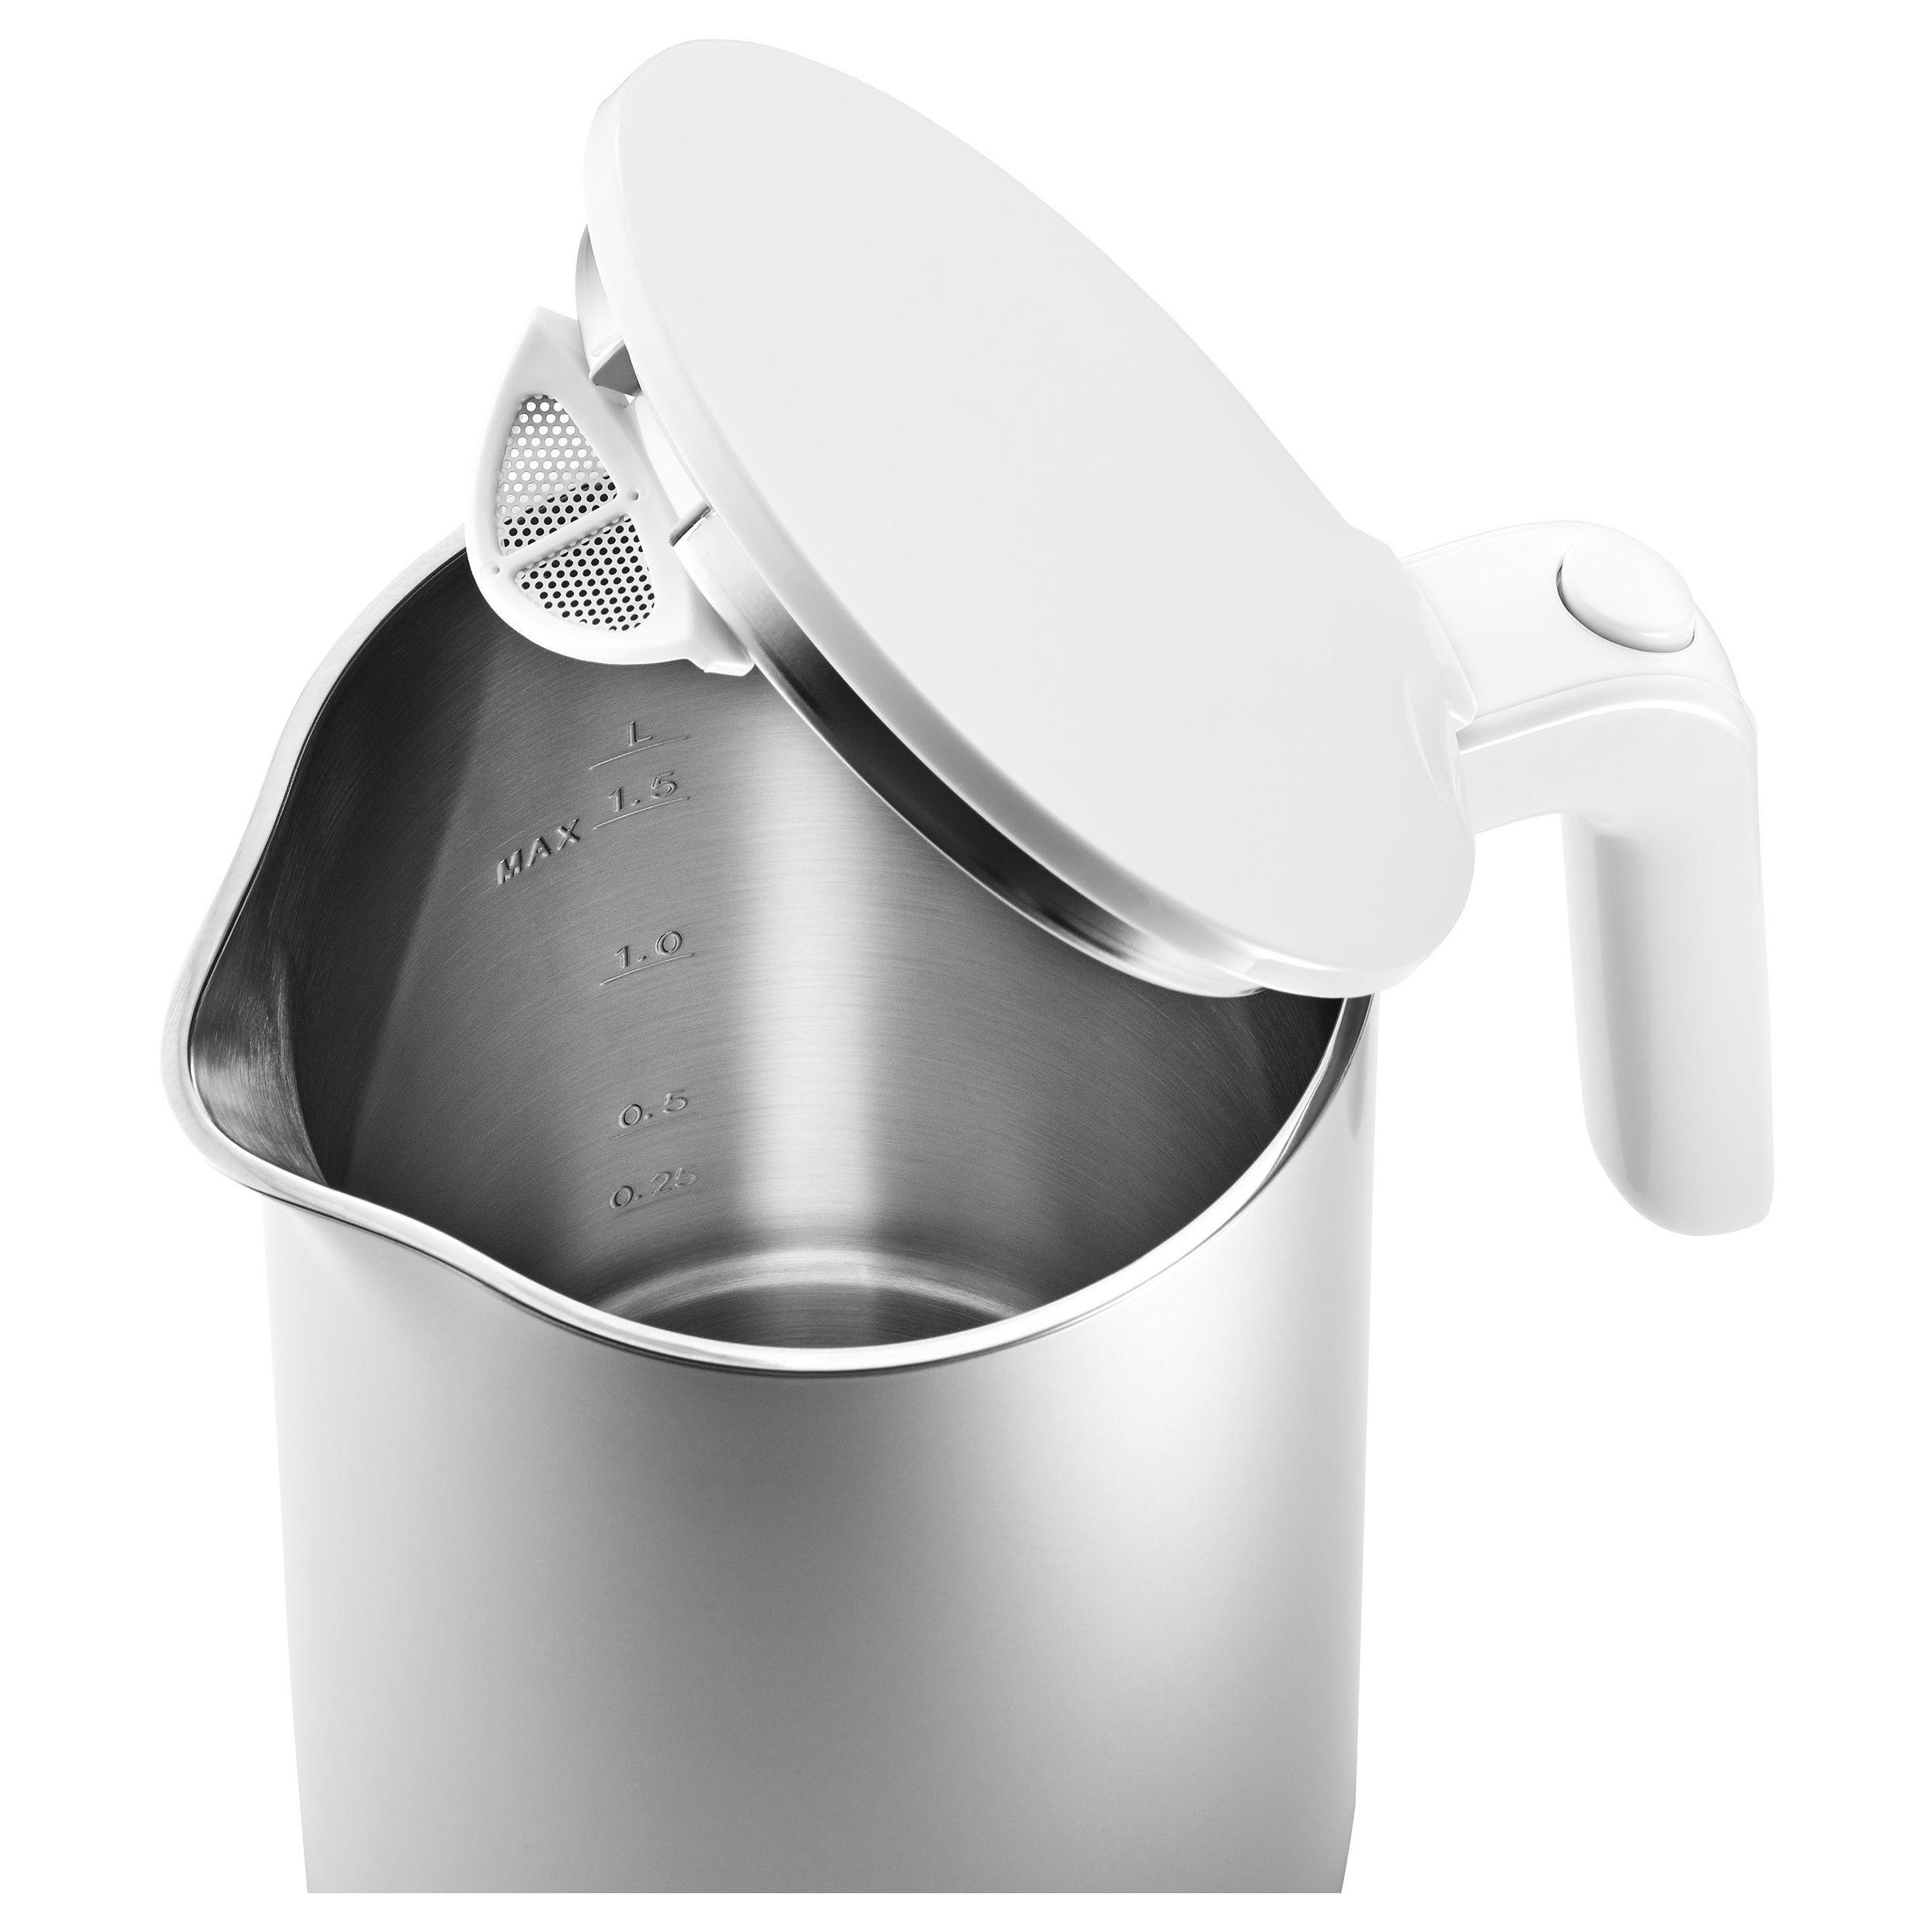 ZWILLING Enfinigy Wasserkocher, 1,5 l, Silber | Offizieller